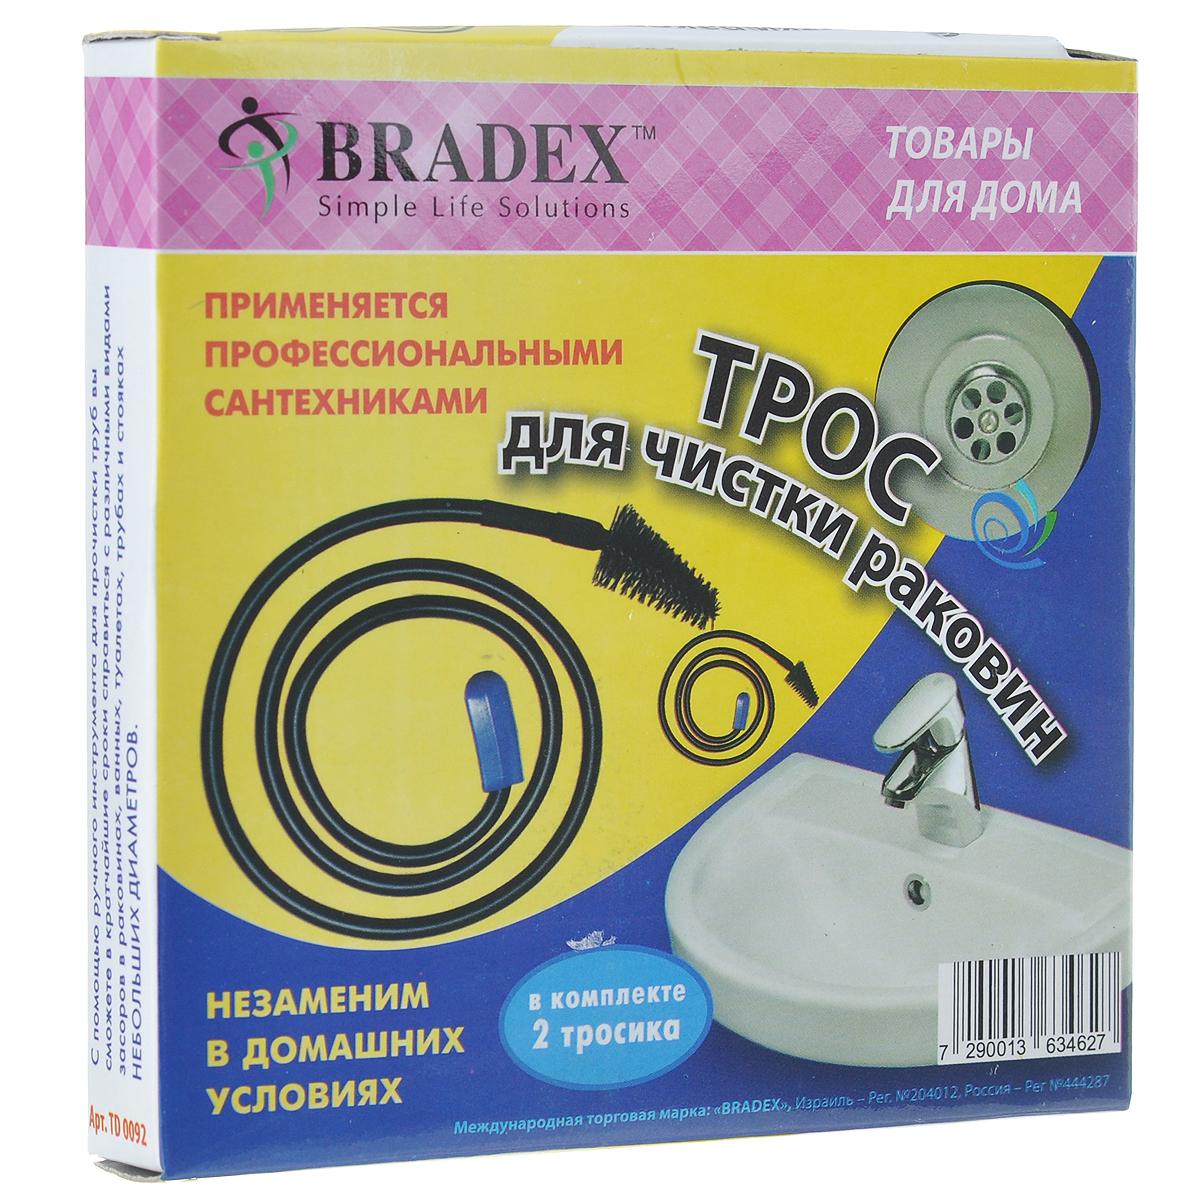 """Трос для чистки раковин Bradex """"Сантехник"""" выполнен из ПВХ и металла и представляет из себя трос с пластиковым набалдашником на одном конце, который удобно лежит в руке, позволяя вам эффективно пользоваться тросом. С другой стороны находится щеточка, которая поможет вам эффективно устранить засоры и прочистить внутреннюю канализацию. В наборе 2 троса одинаковой длины с щеточками различной конфигурации.  Подобные тросы применяются профессиональными сантехниками, они необычайно эффективны, а представленная здесь модель еще и крайне проста в применении: с ней справится даже домохозяйка.  С тросом Bradex """"Сантехник"""" вам больше не нужно будет прилагать огромные усилия, пытаясь устранить засор вантузом или пачкать руки.   Длина троса: 71 см.  Диаметр щетки: 1,5 см, 1,2 см.      Как выбрать качественную бытовую химию, безопасную для природы и людей. Статья OZON Гид"""